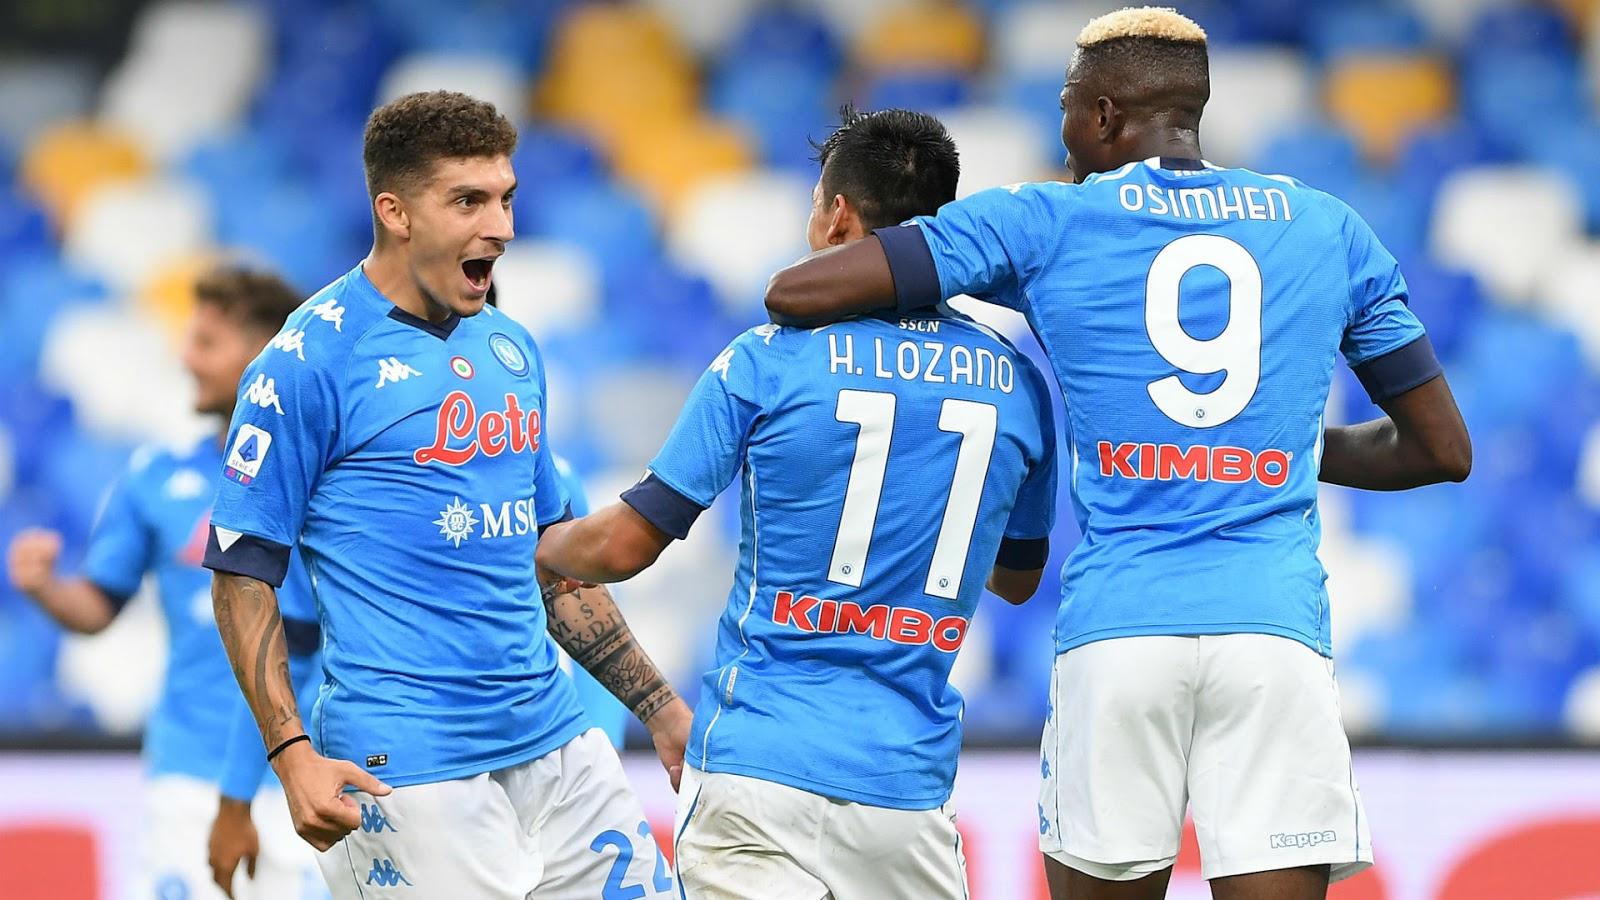 Napoli celebrate their 6-0 win over Genoa